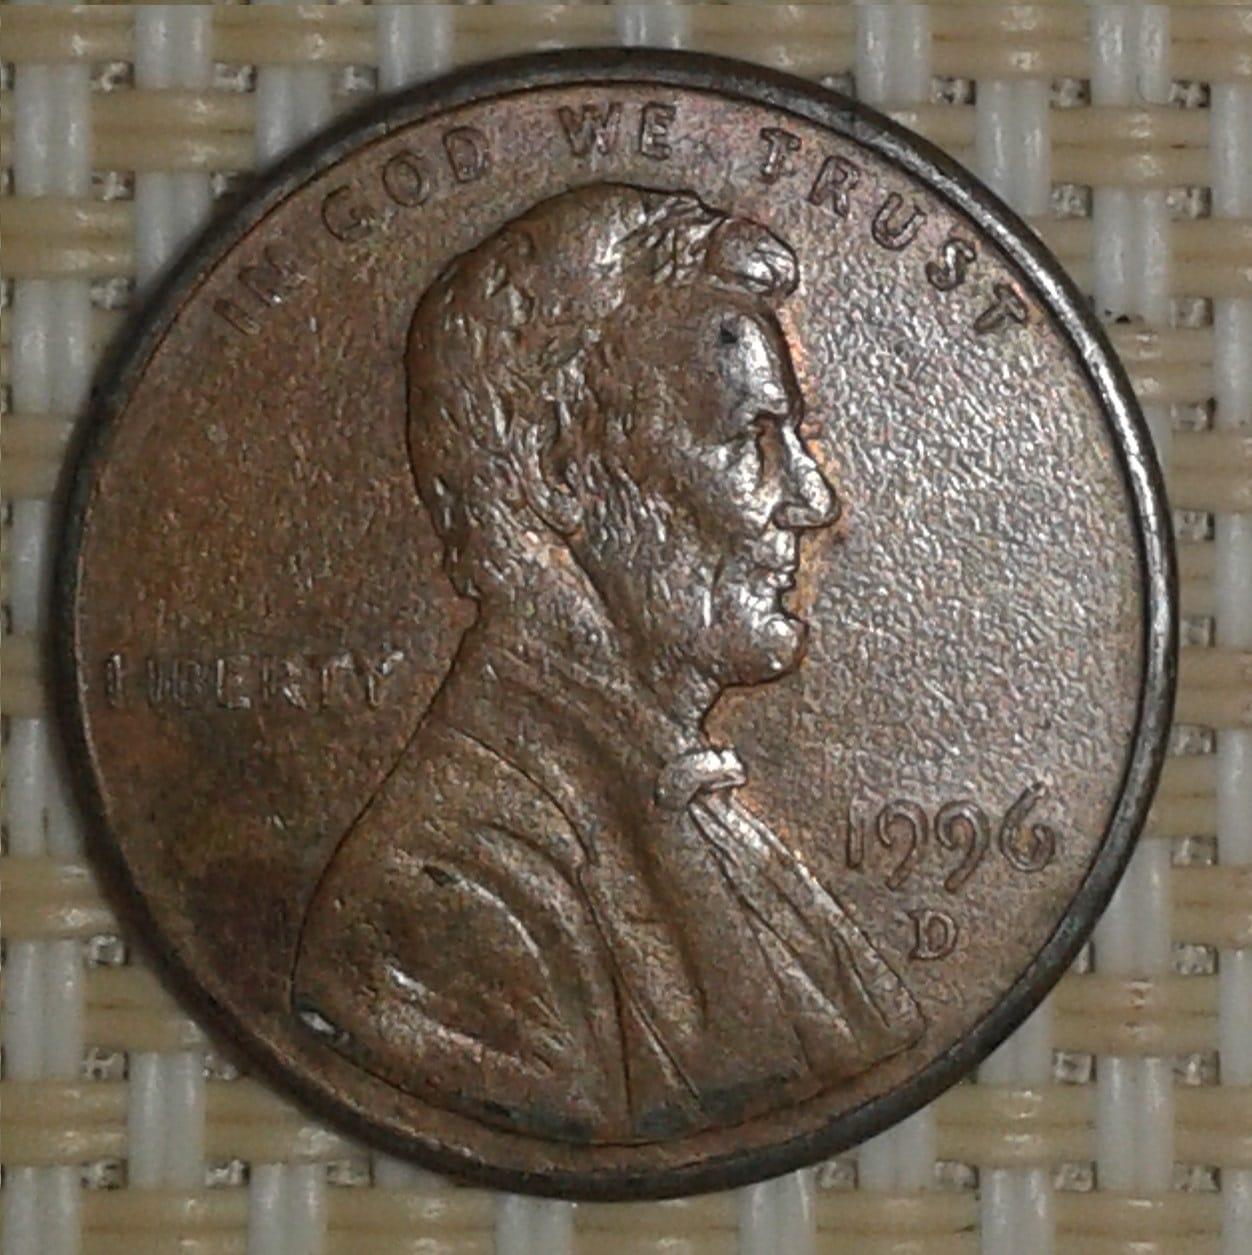 Moneda de un centavo U.S.A. 1996 2i8ki06